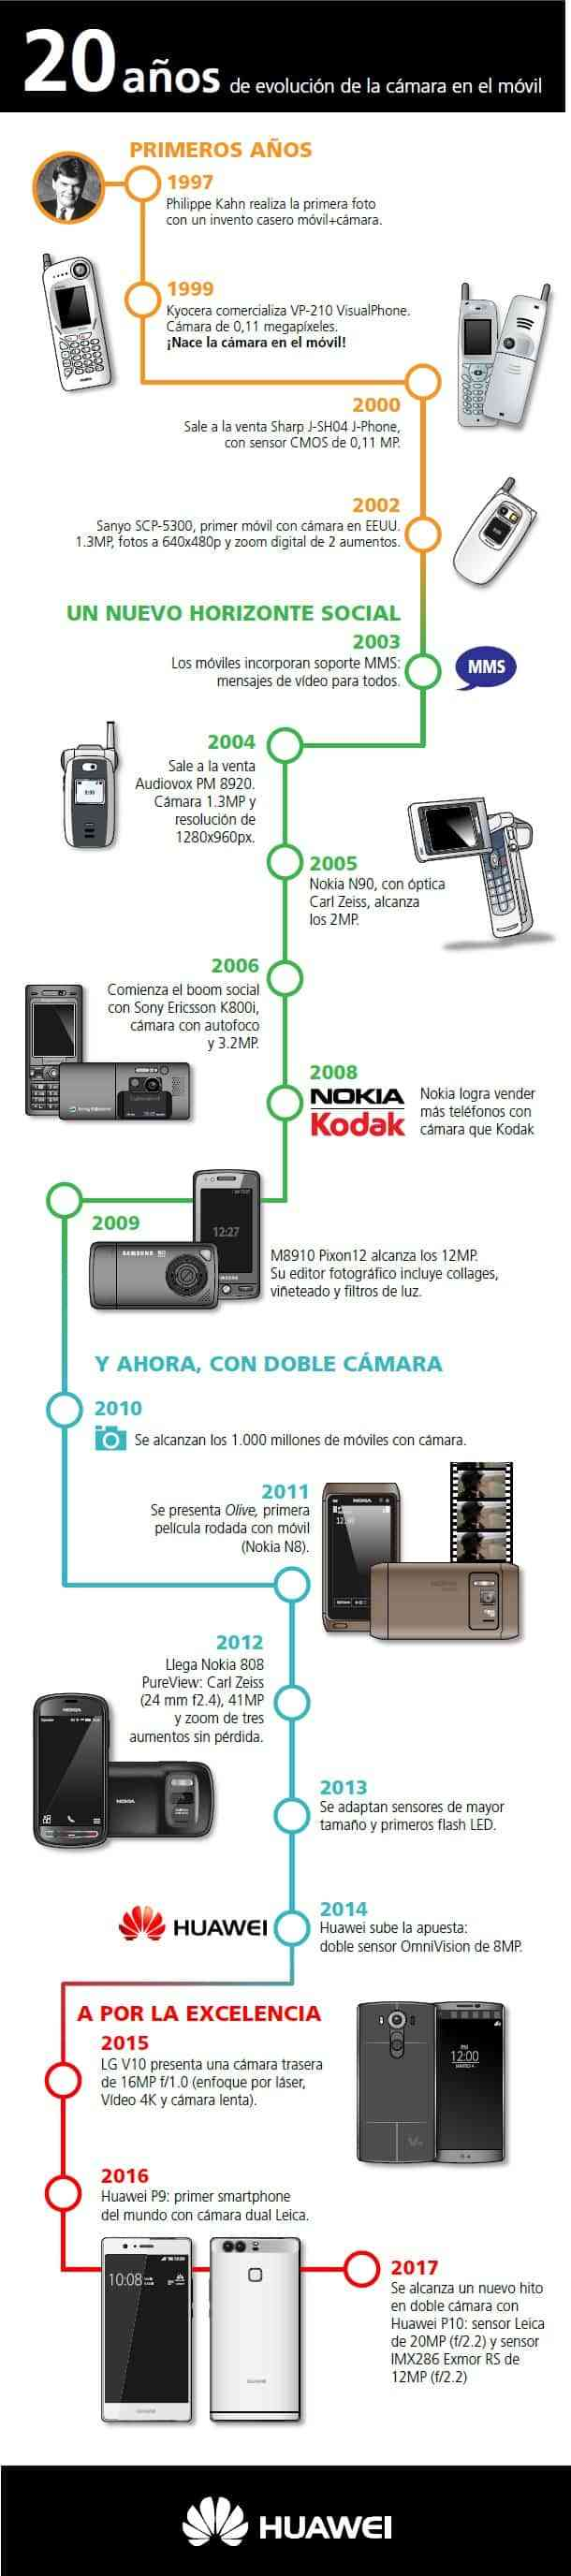 Infografia 20 anos de evolucion de la camara en el movil